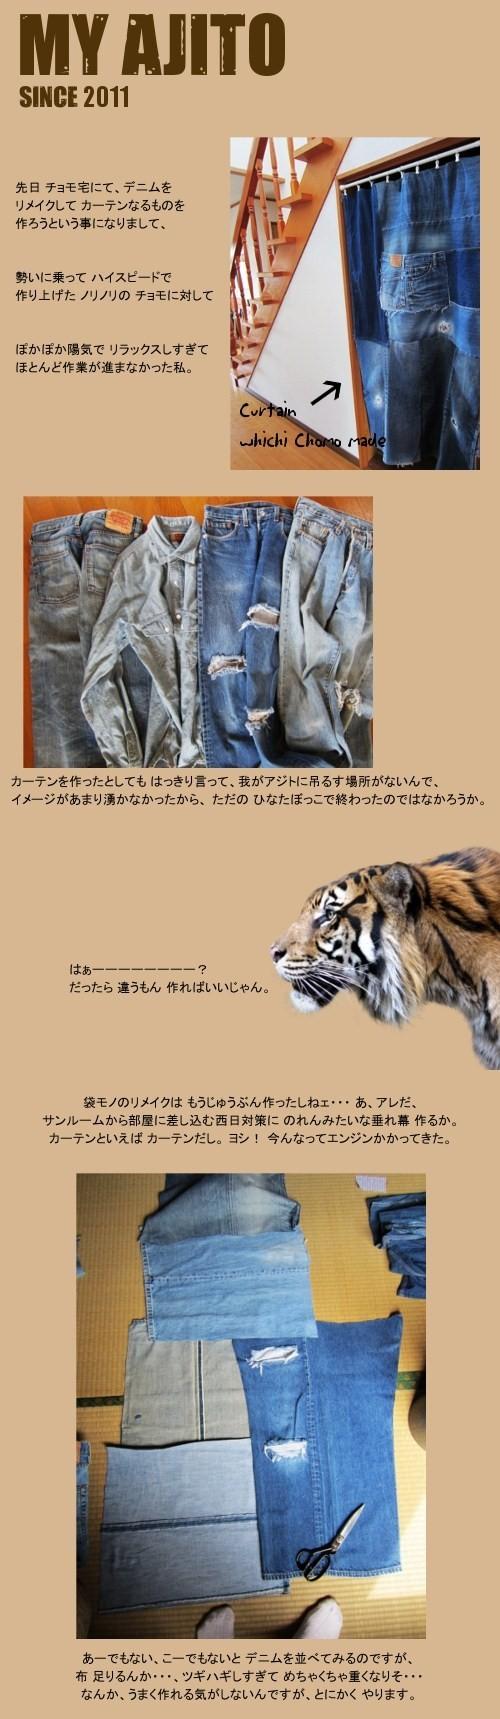 my_nore_1.jpg